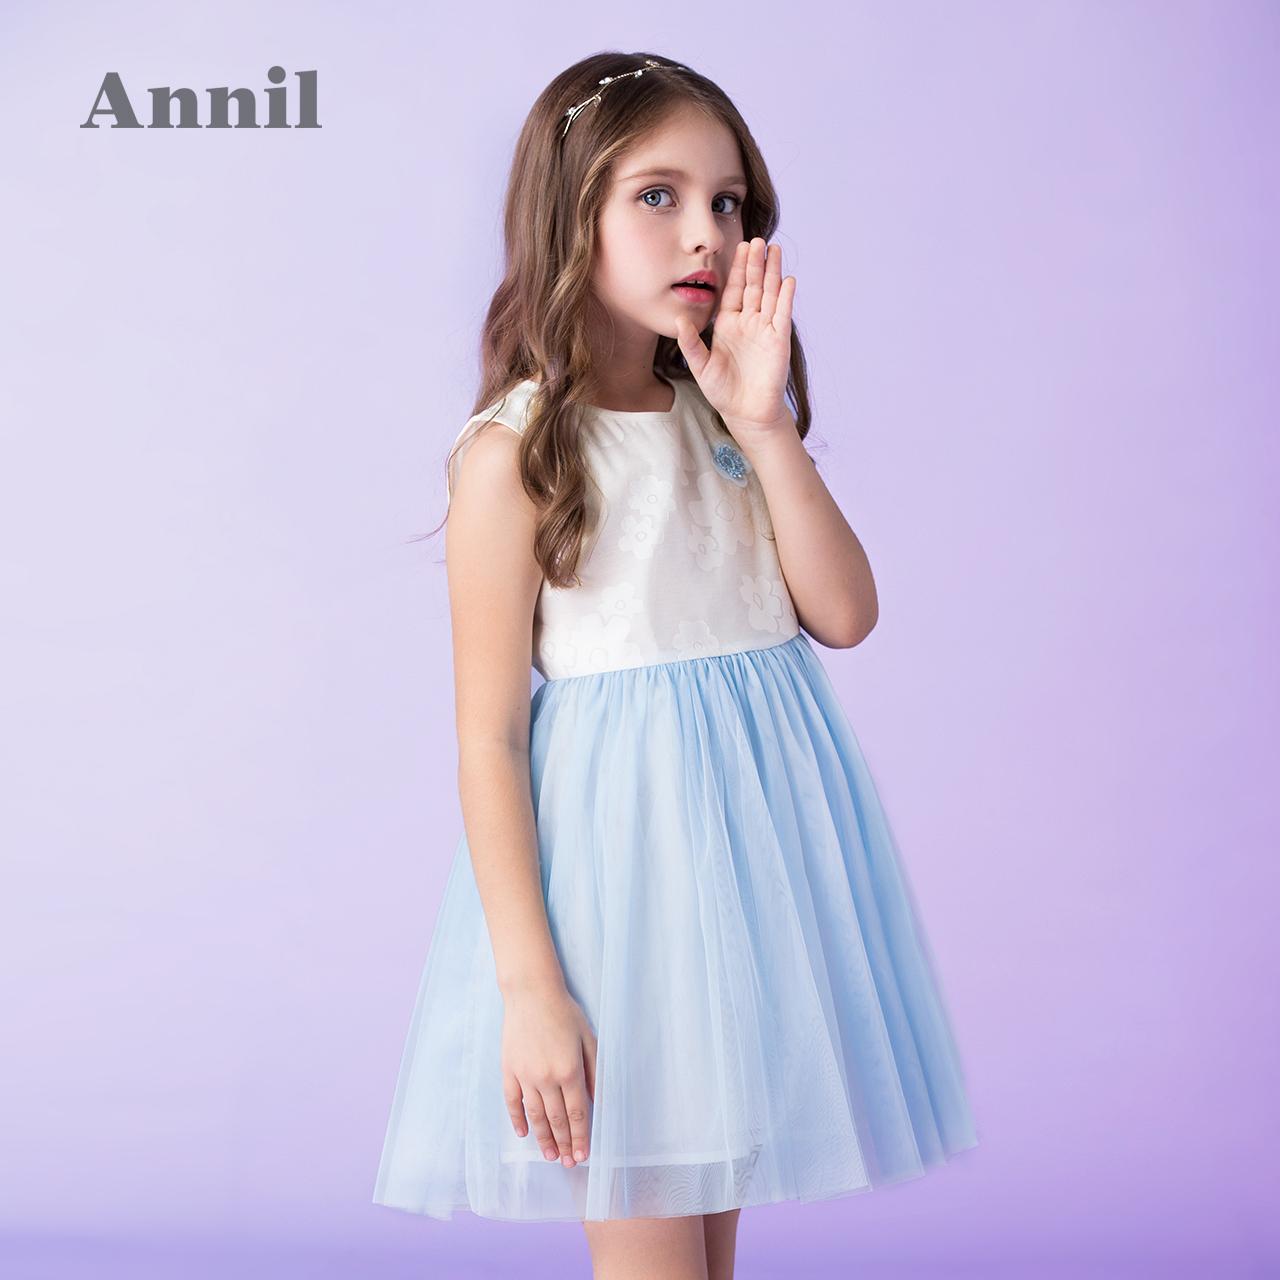 52637a1ef972 Annil 2019 Nova Flor Meninas Vestido Sem Mangas Colete Crianças Ocasião  Formal da Festa de Aniversário